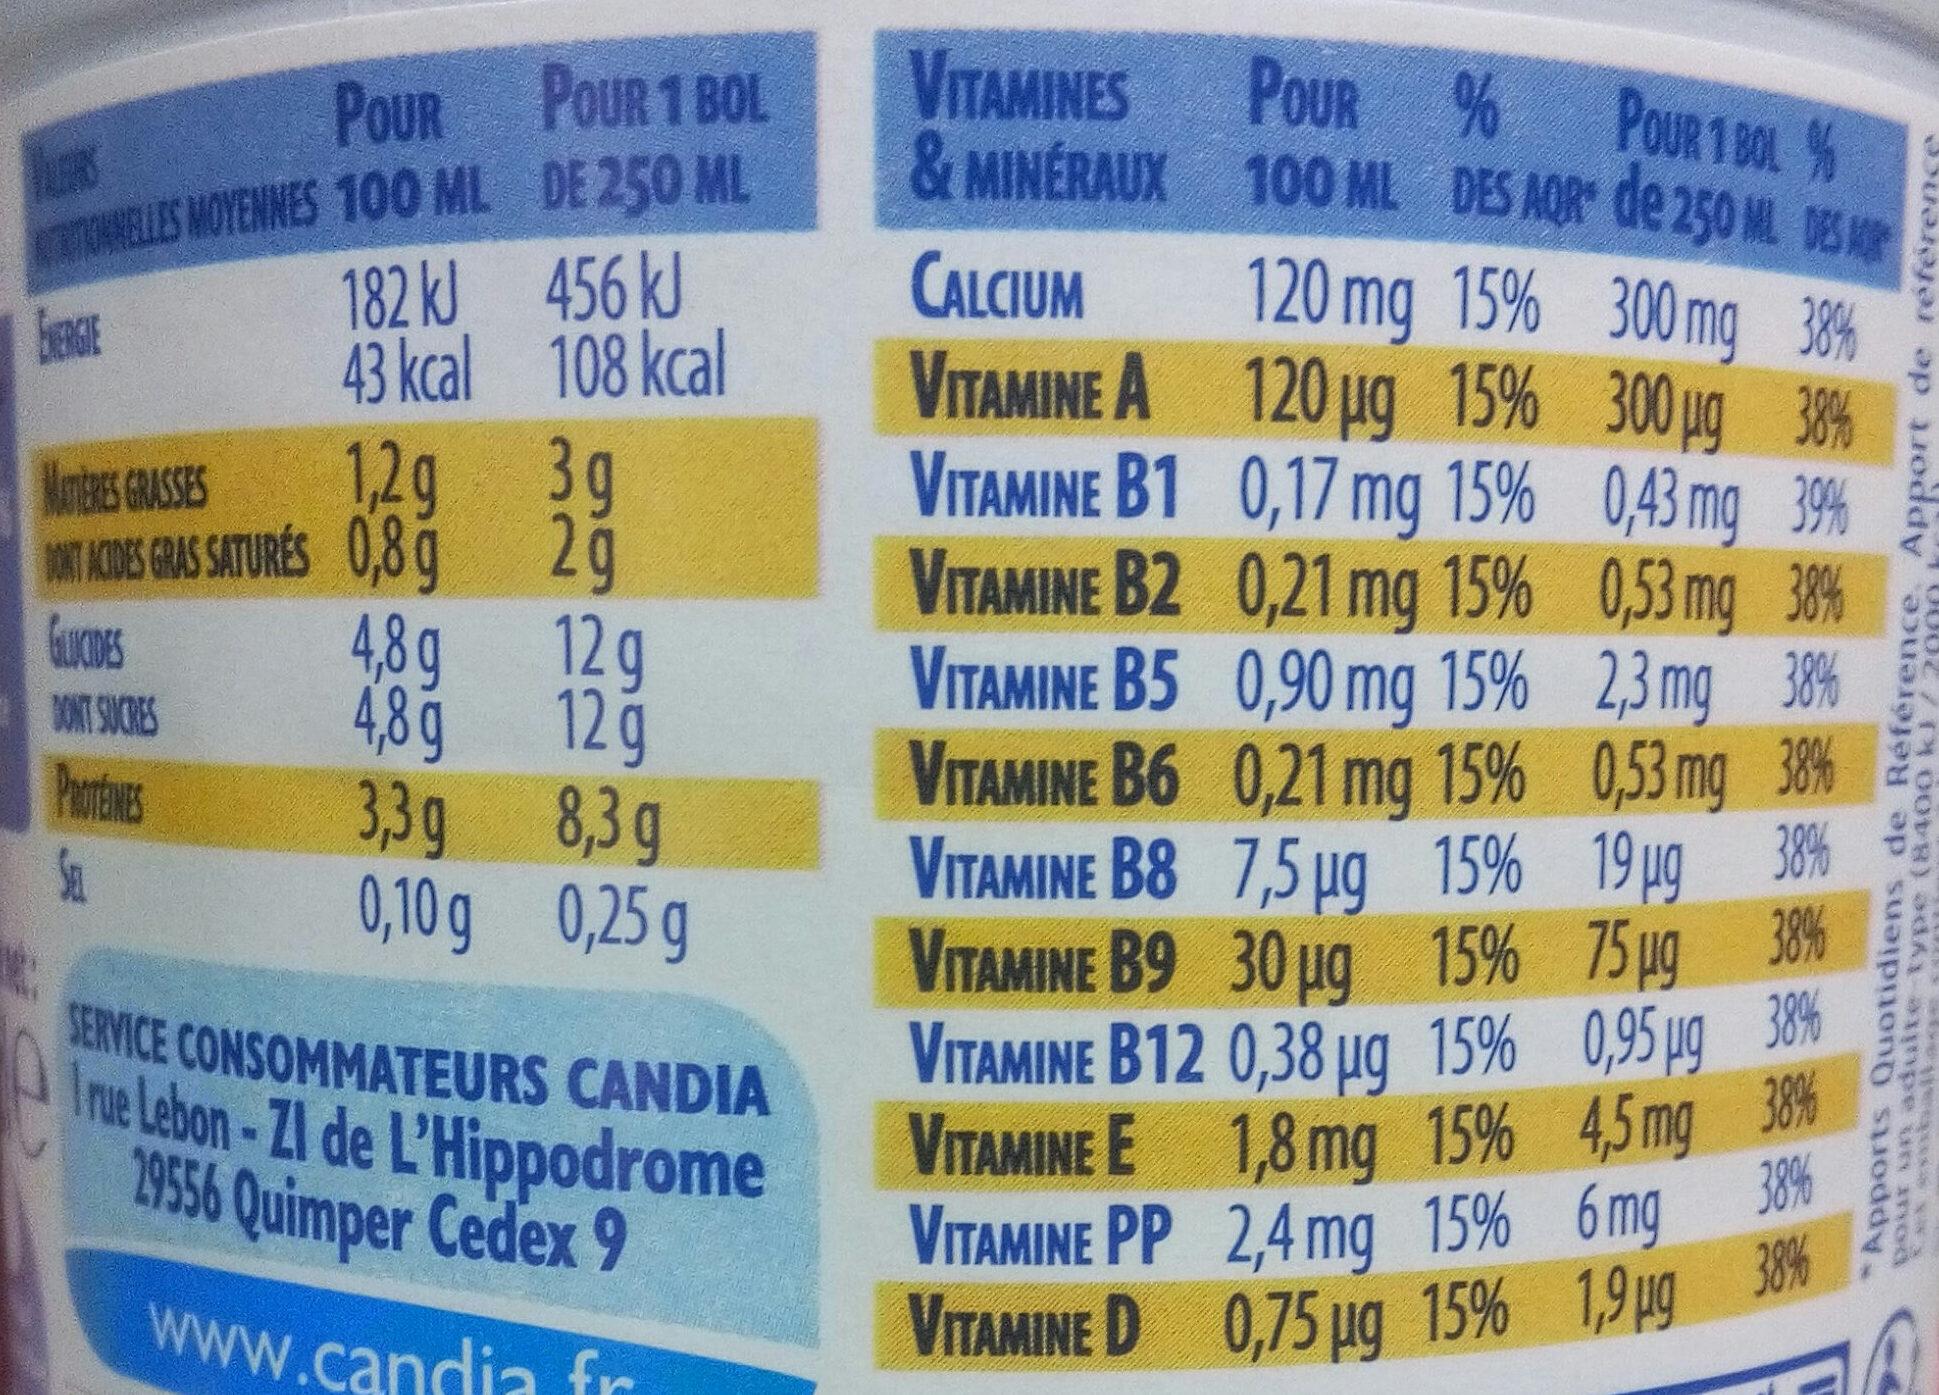 Lait demi-écrémé, stérilisé UHT, 10 vitamines - Informations nutritionnelles